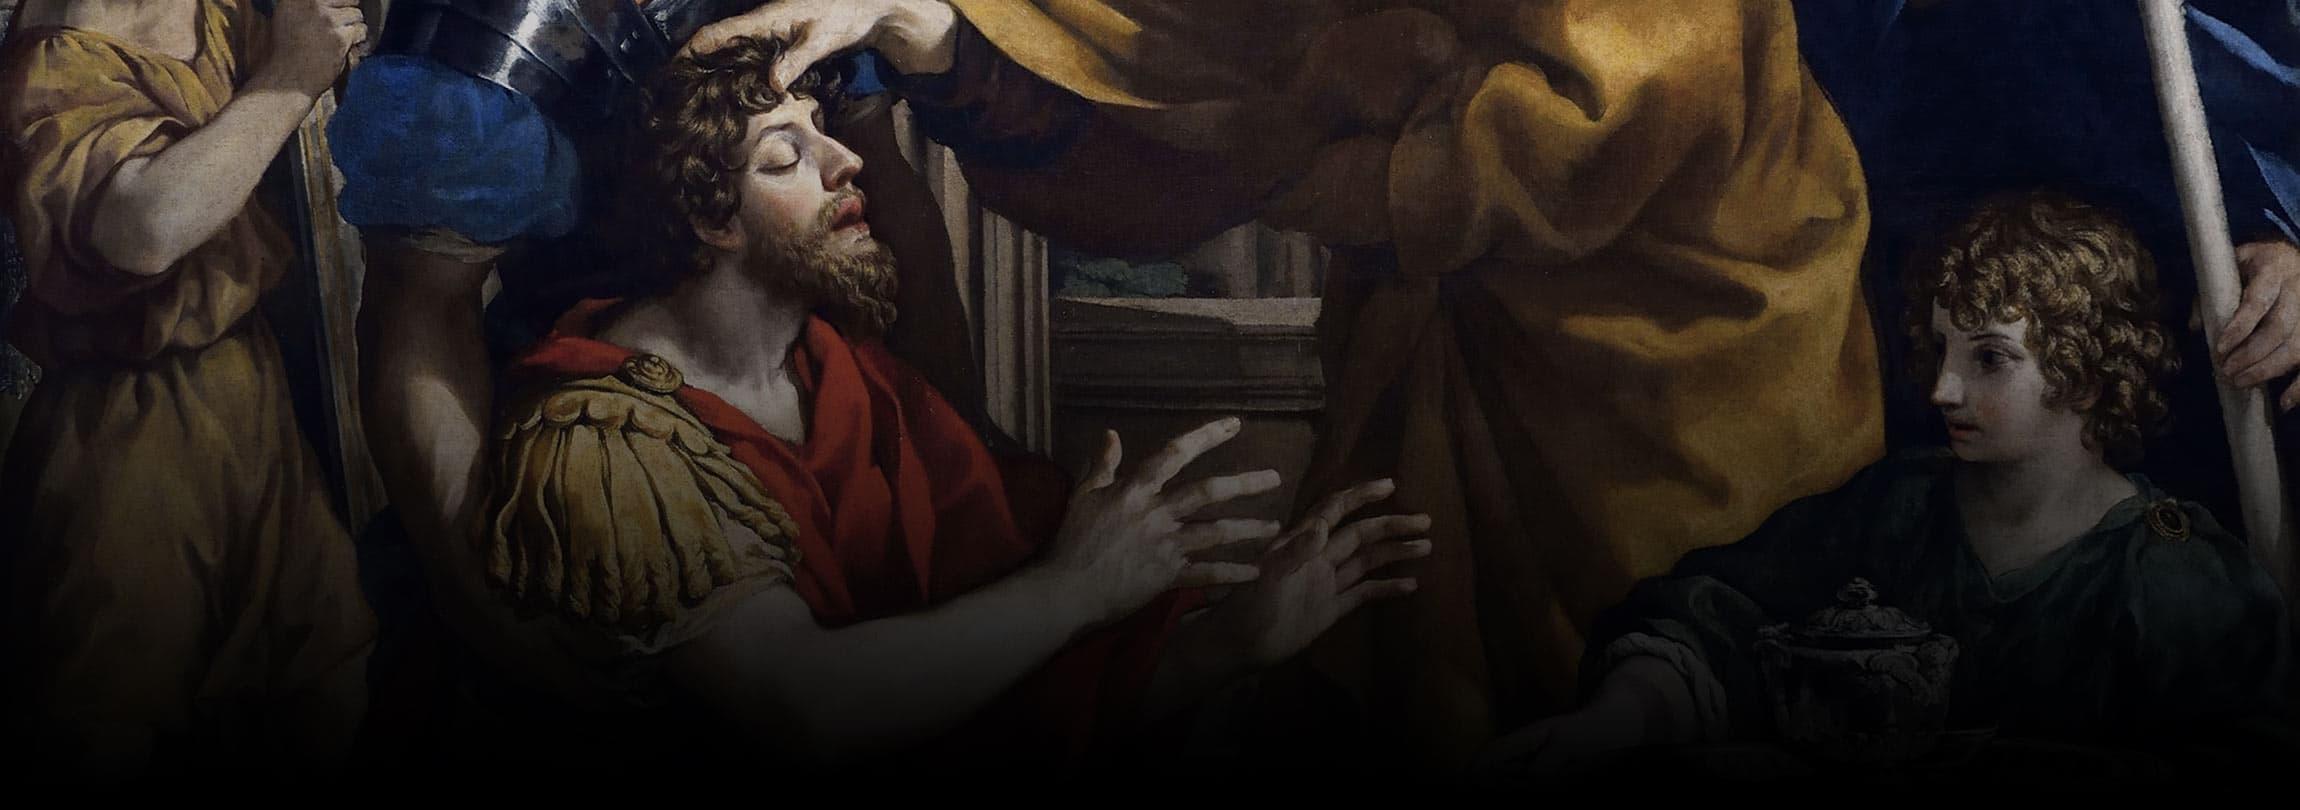 O último apóstolo